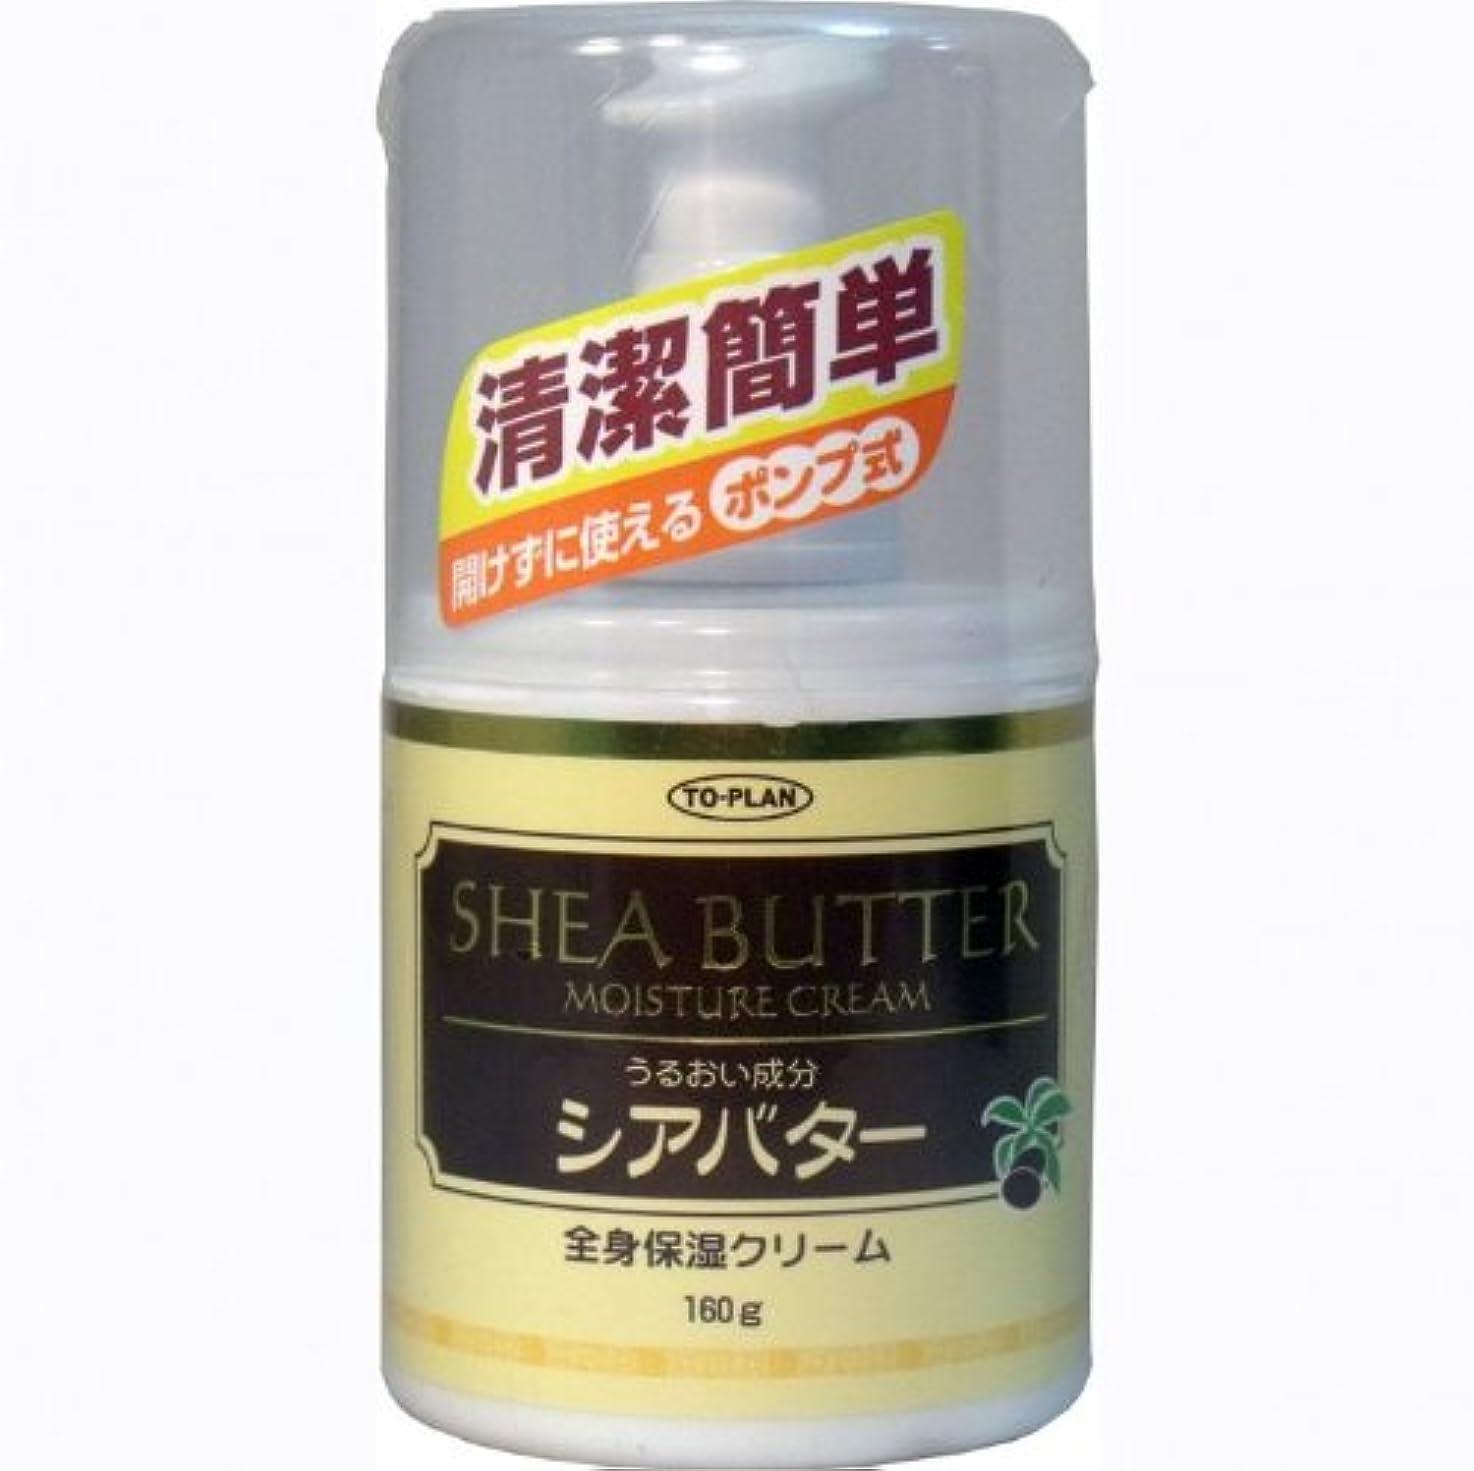 大惨事バリー小川トプラン 全身保湿クリーム シアバター ポンプ式 160g【5個セット】